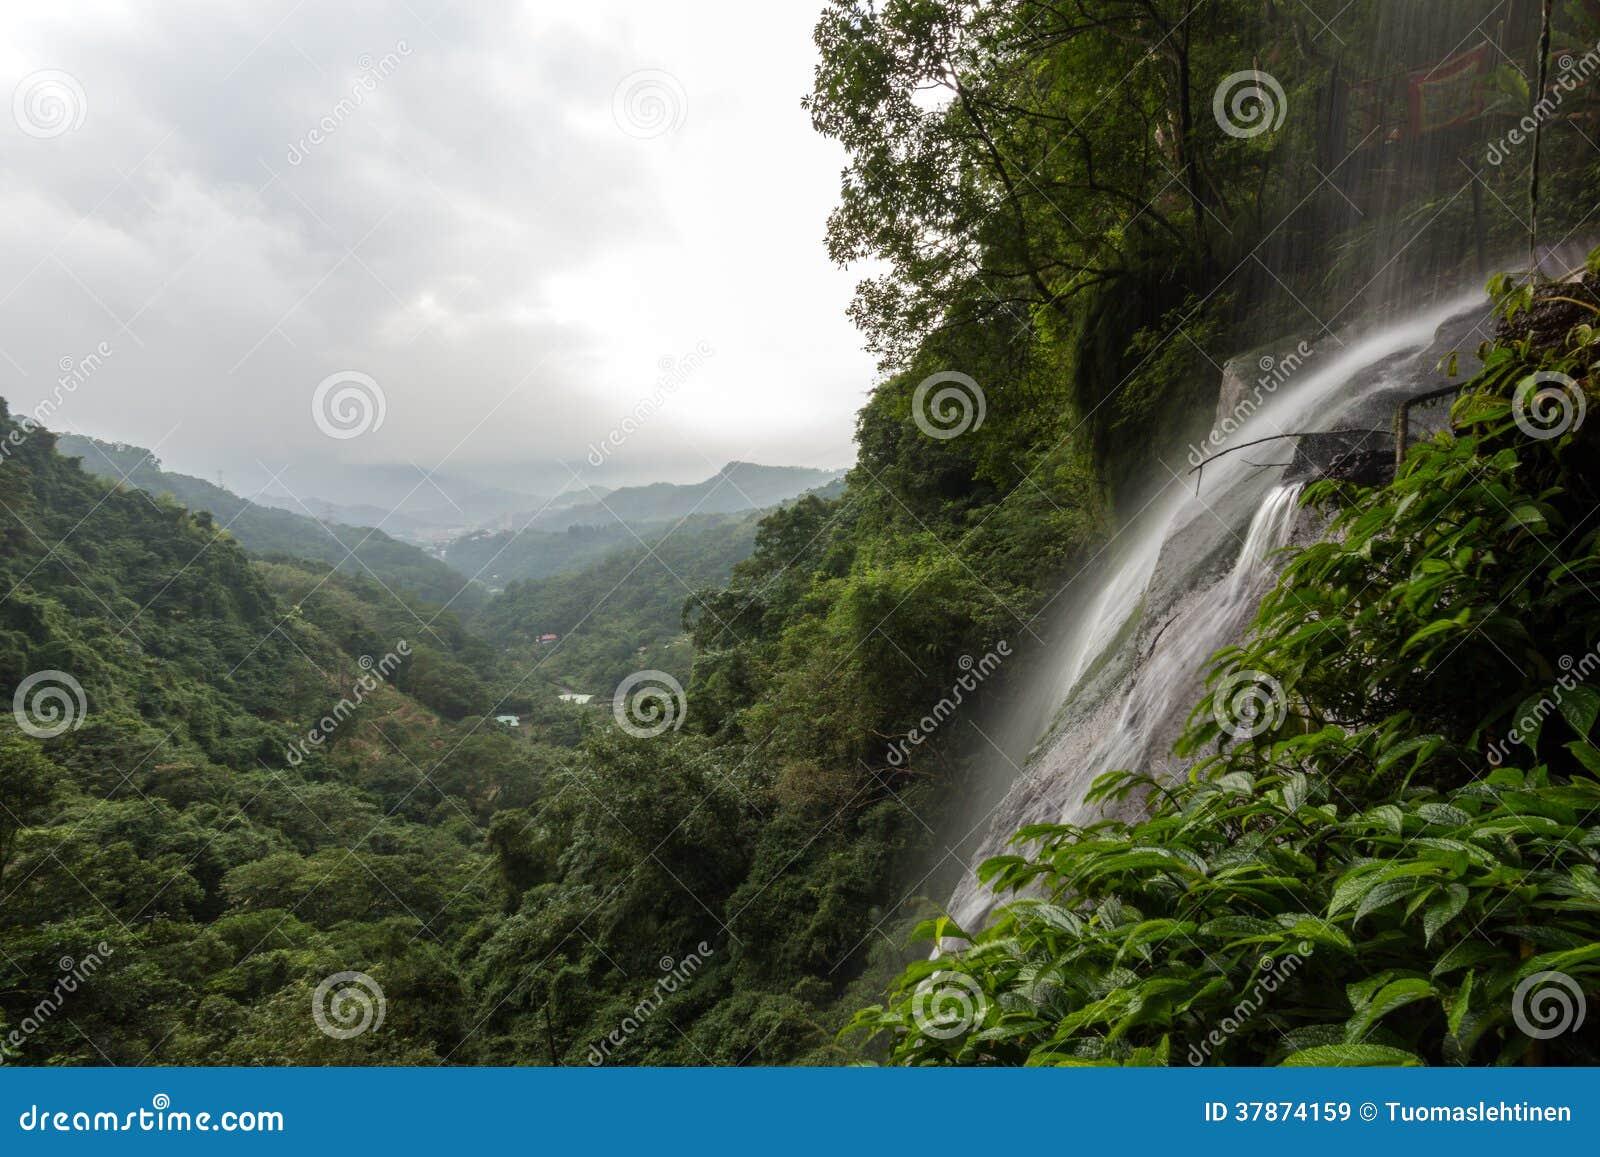 Μικρός καταρράκτης και άποψη πέρα από το πολύβλαστο δάσος στη Ταϊπέι